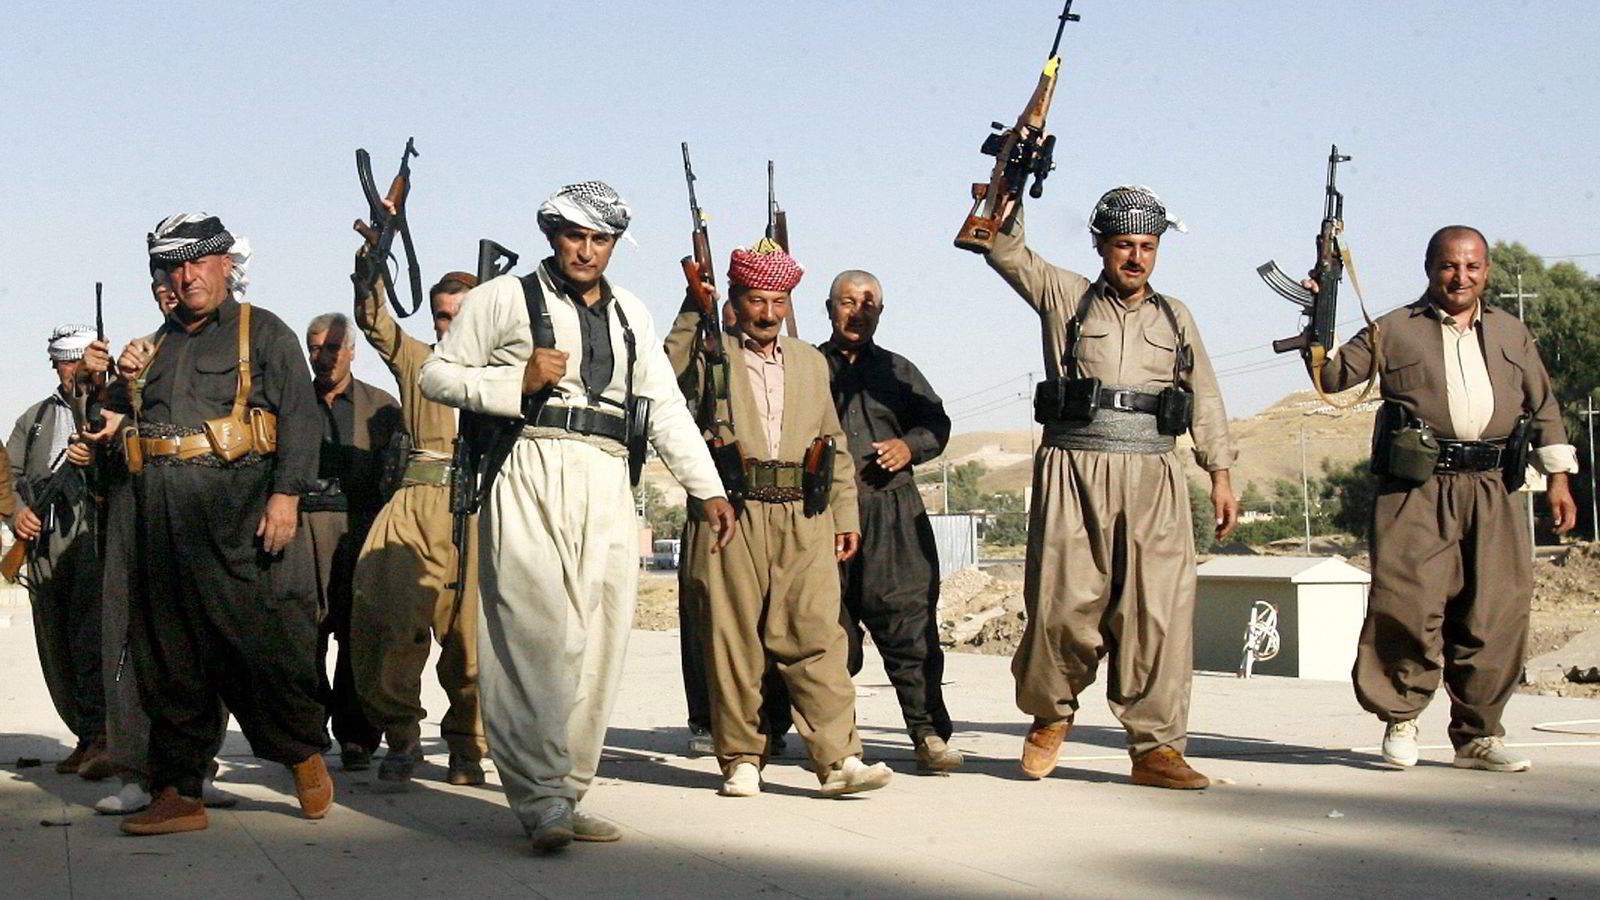 PRESSES. Kurdiske Peshmerga-soldater må nå kjempe mot IS, en av verdens best organiserte terrorgrupper. Her kurdiske soldater i den irakske landsbyen Khazer utenfor Mosul. Foto: Mohammed Jalil, EPA/ NTB Scanpix